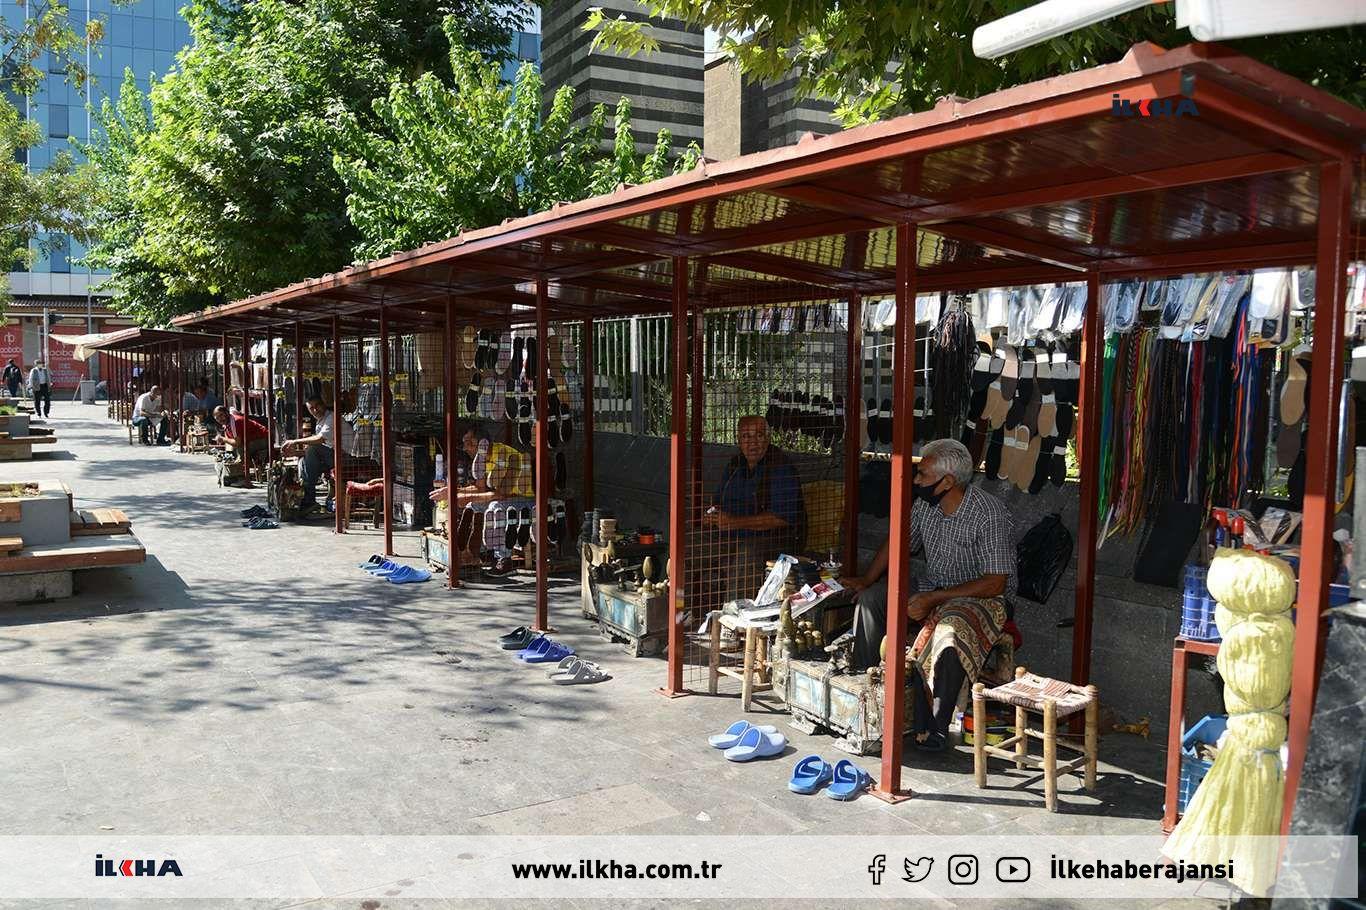 Nebi Cami önündeki ayakkabı boyacılarının yerleri yenileniyor